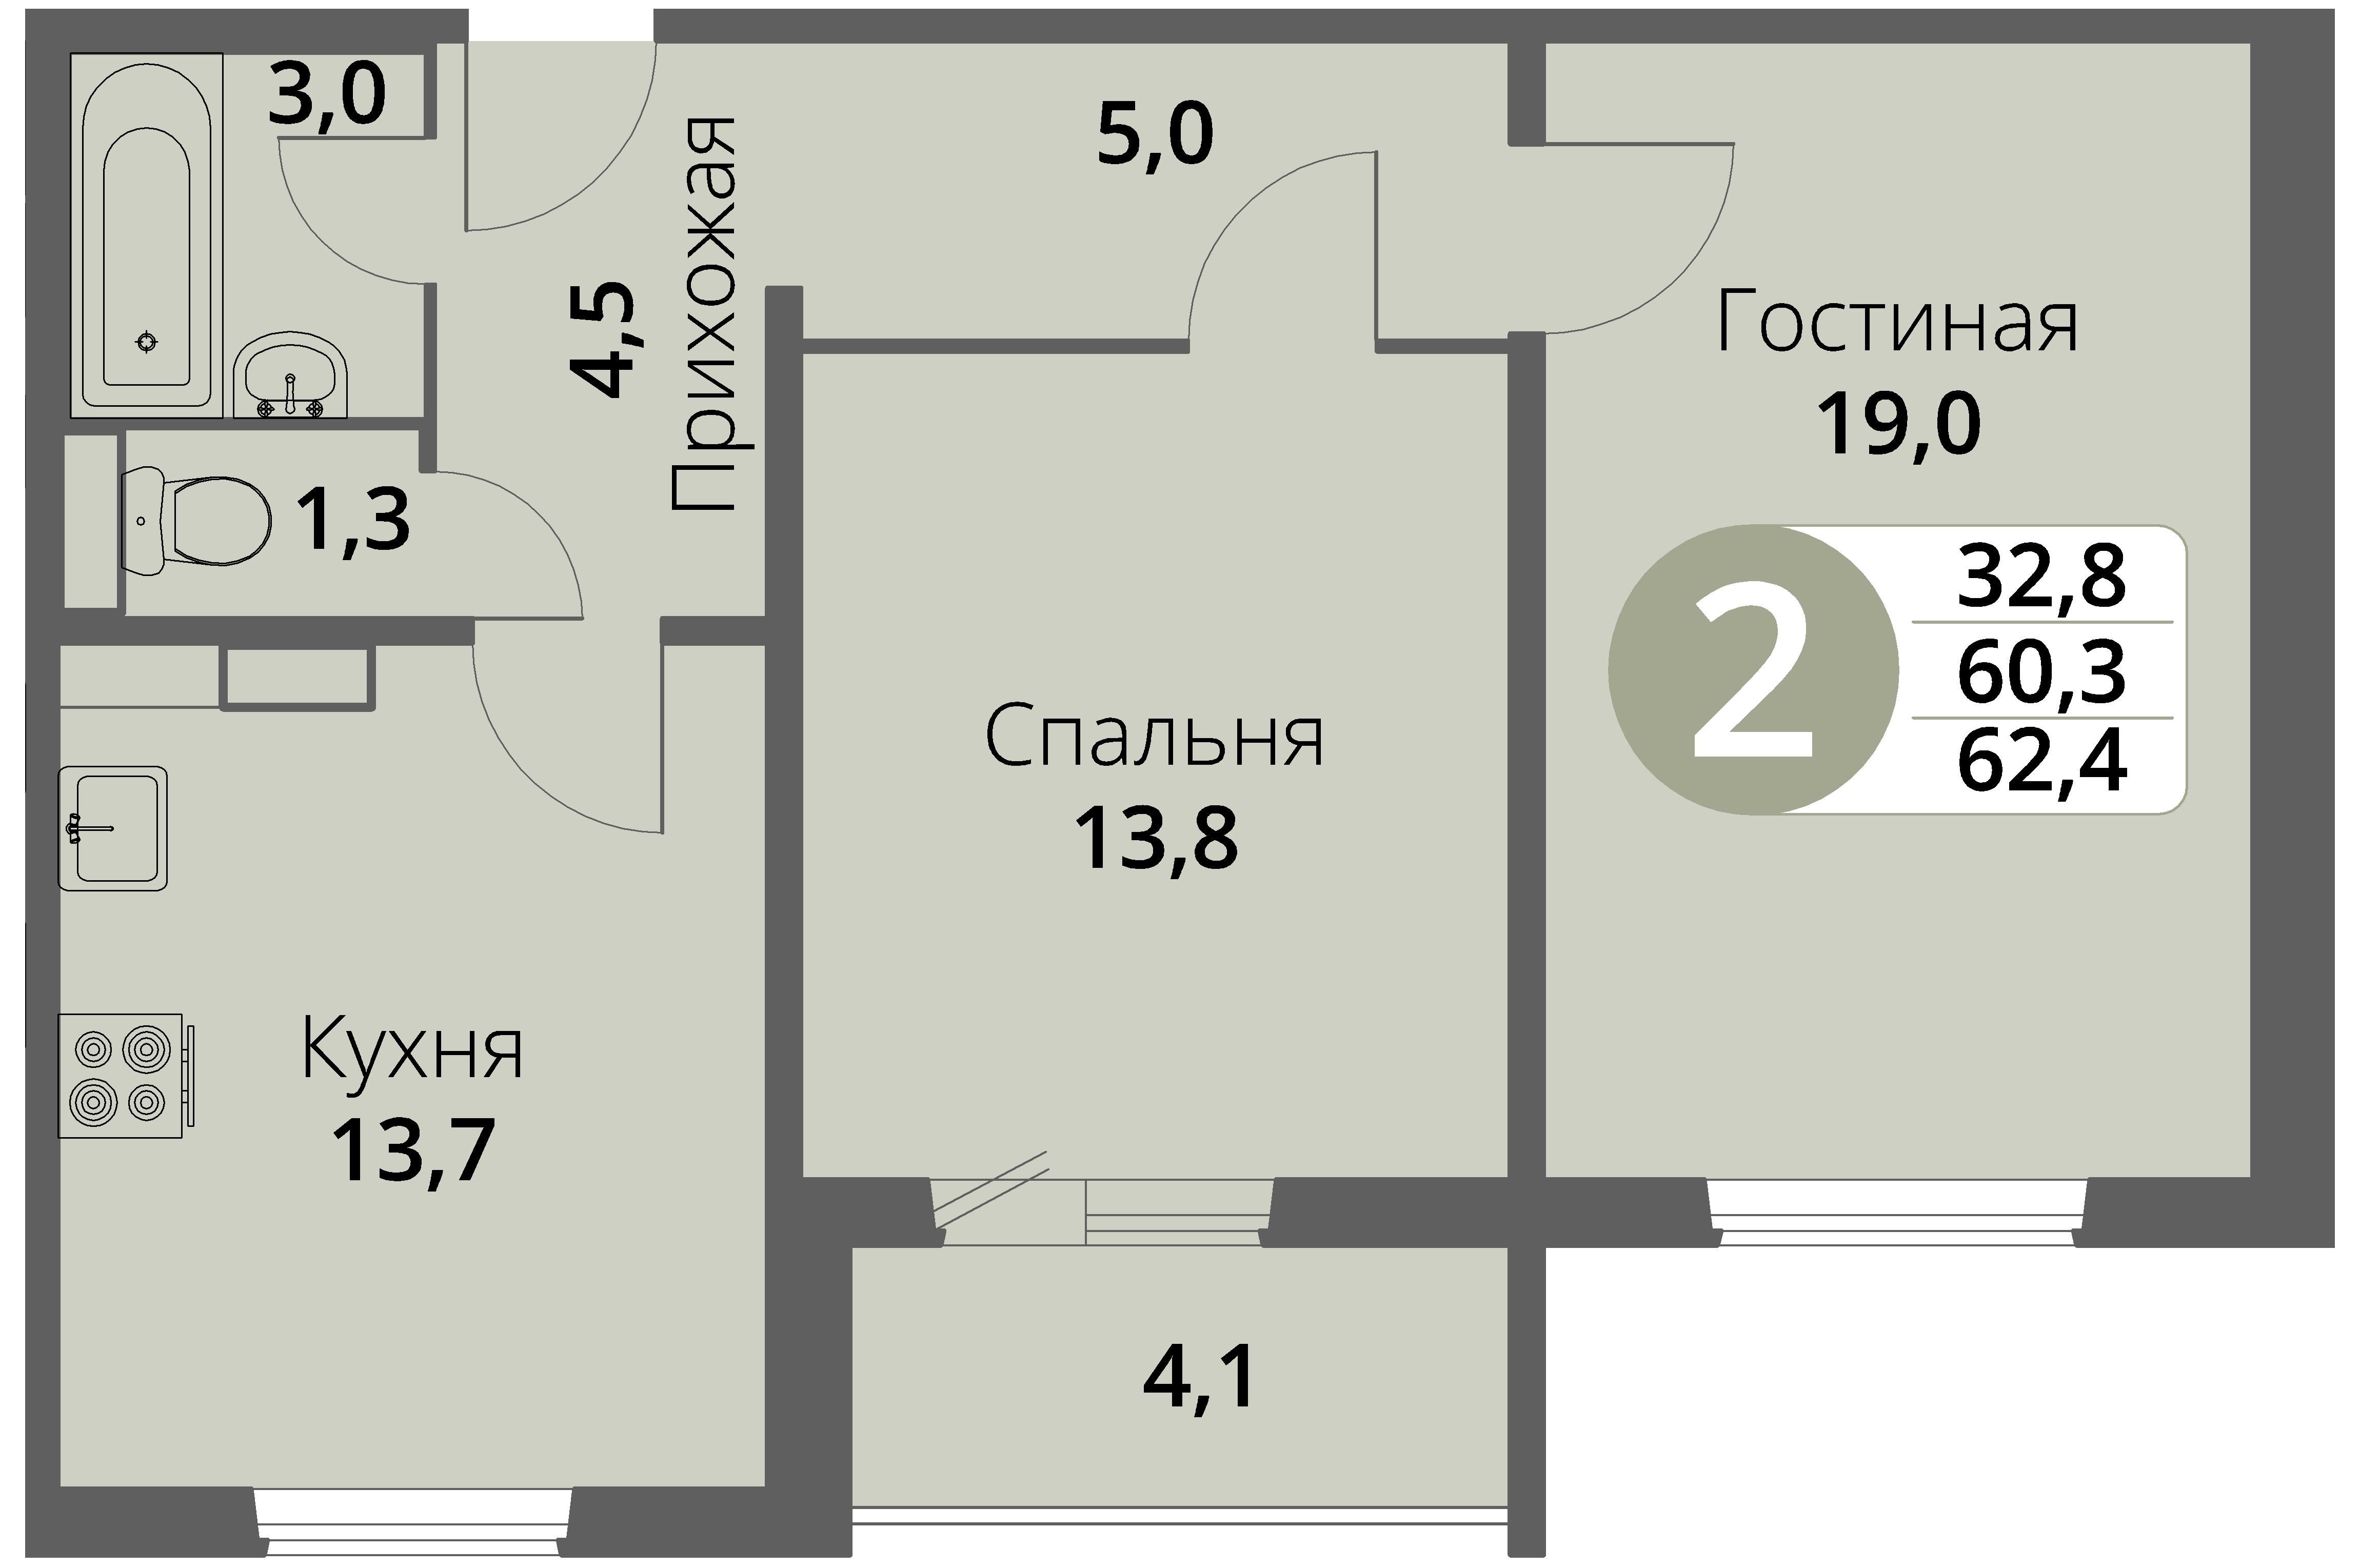 Зареченская 1-1, квартира 17 - Двухкомнатная